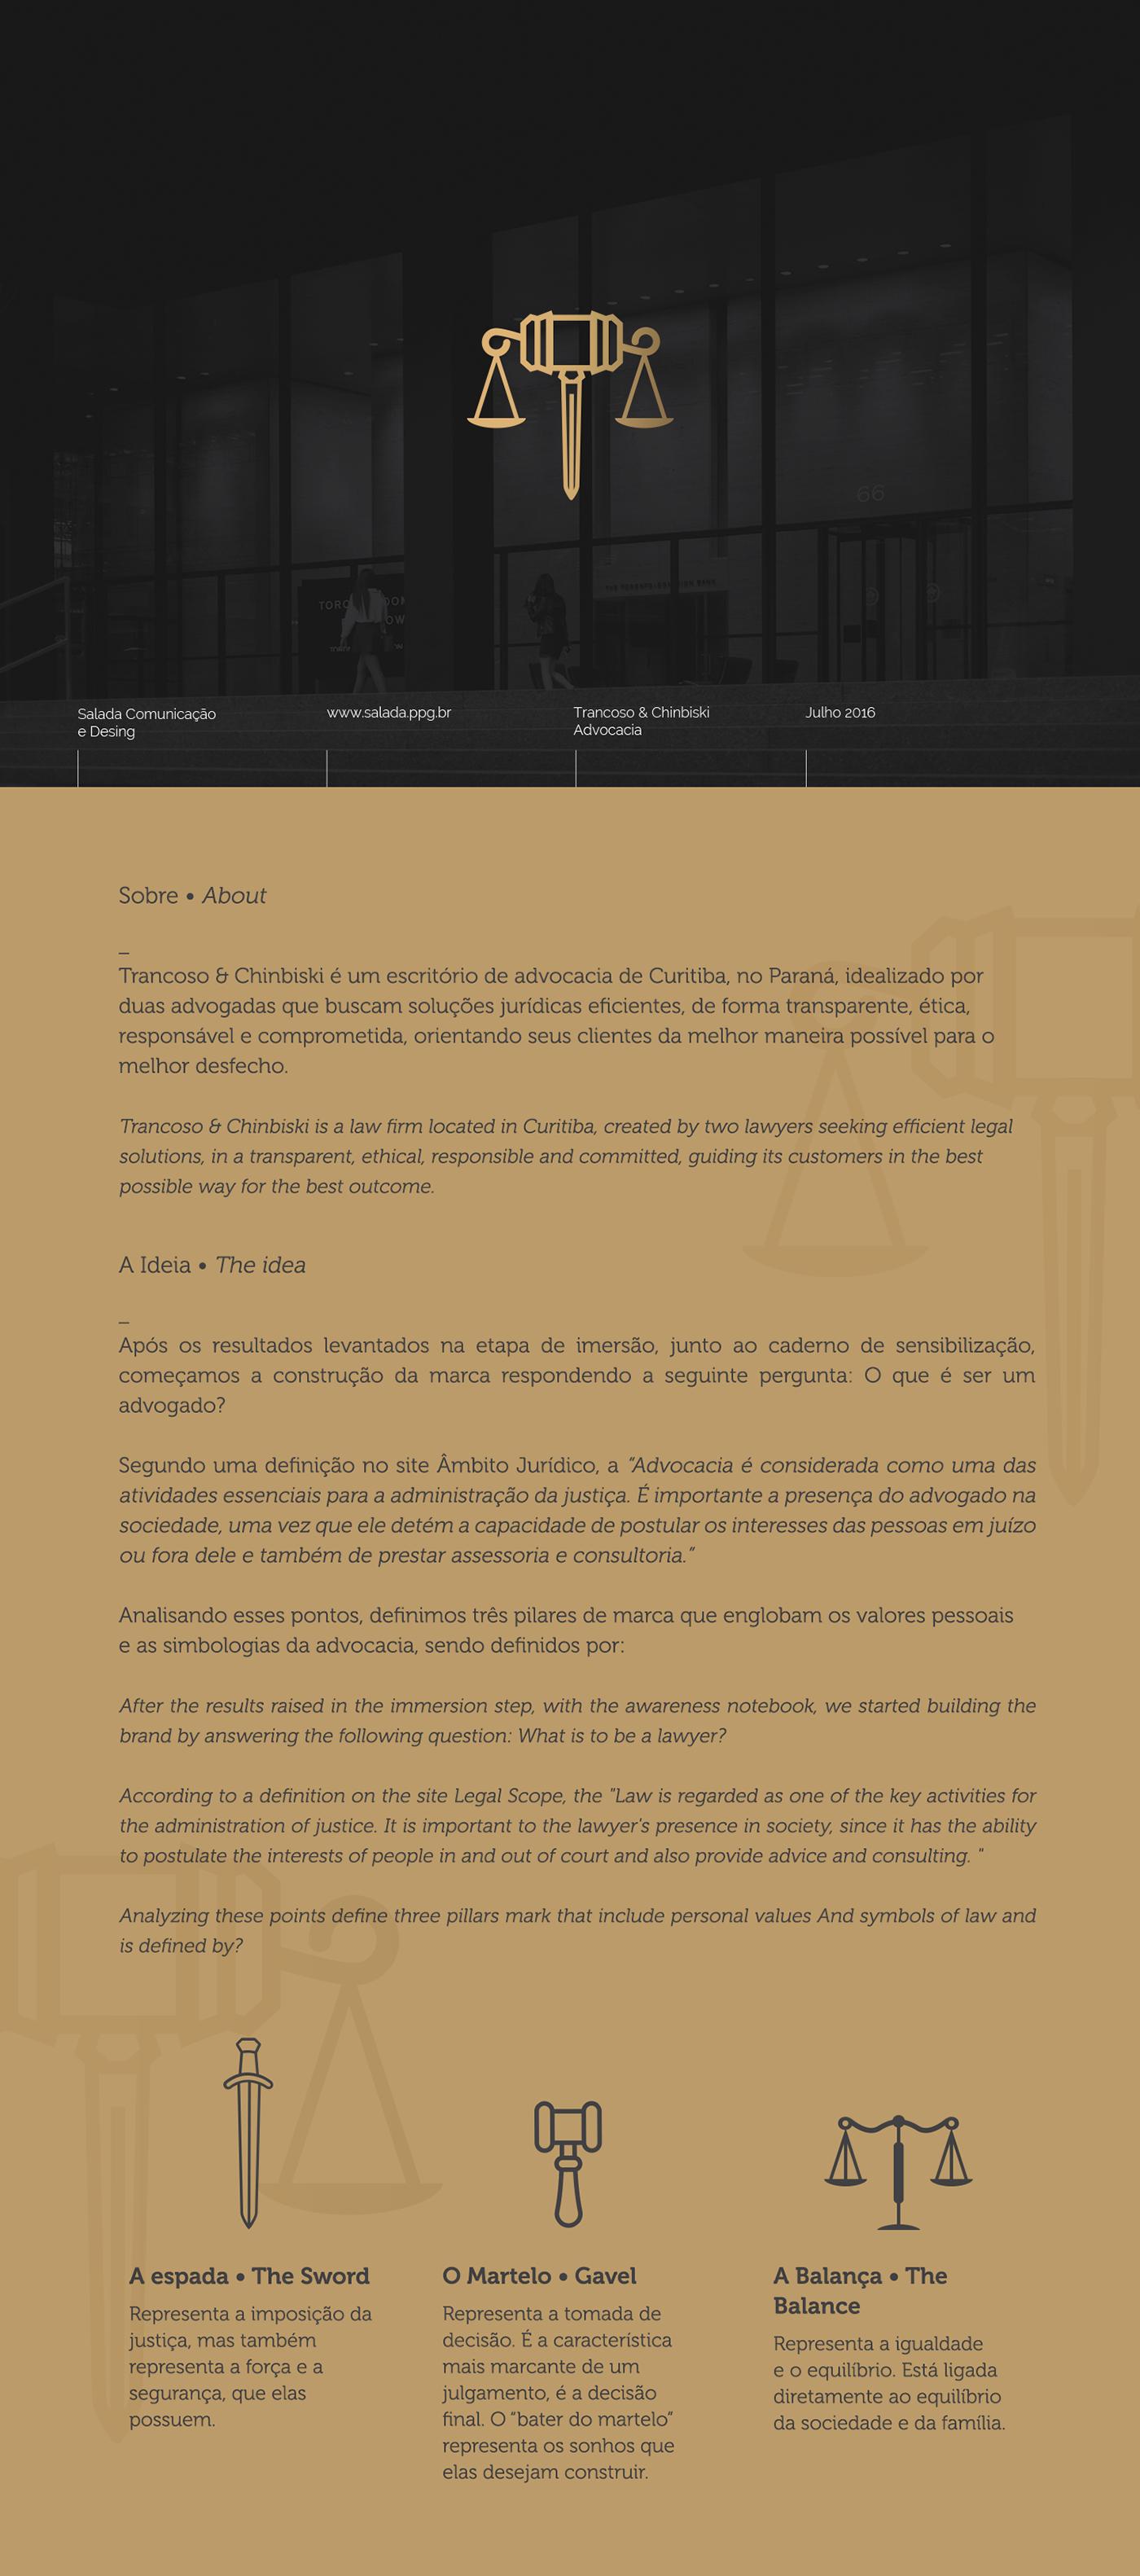 branding  design thinking marca law advocacia advogado stationary papelaria identidade visual